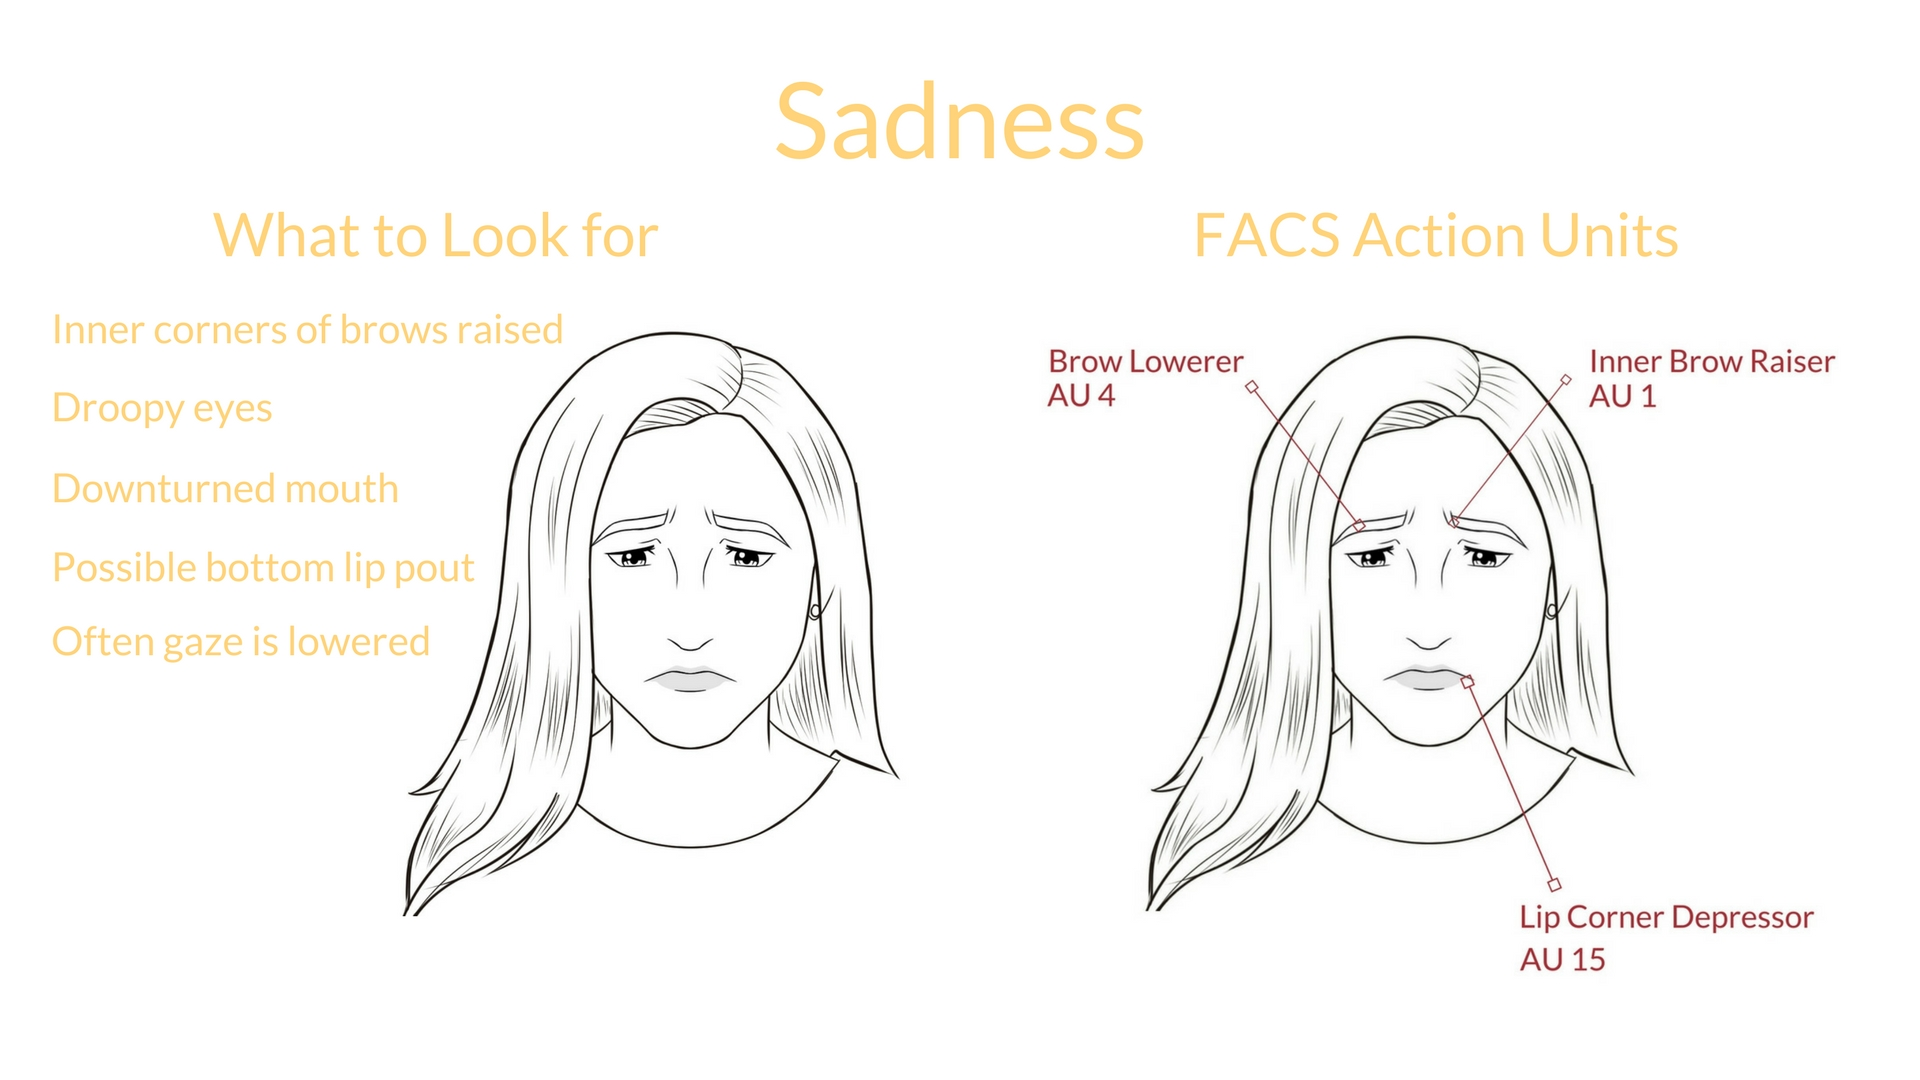 Universal Expression Sadness